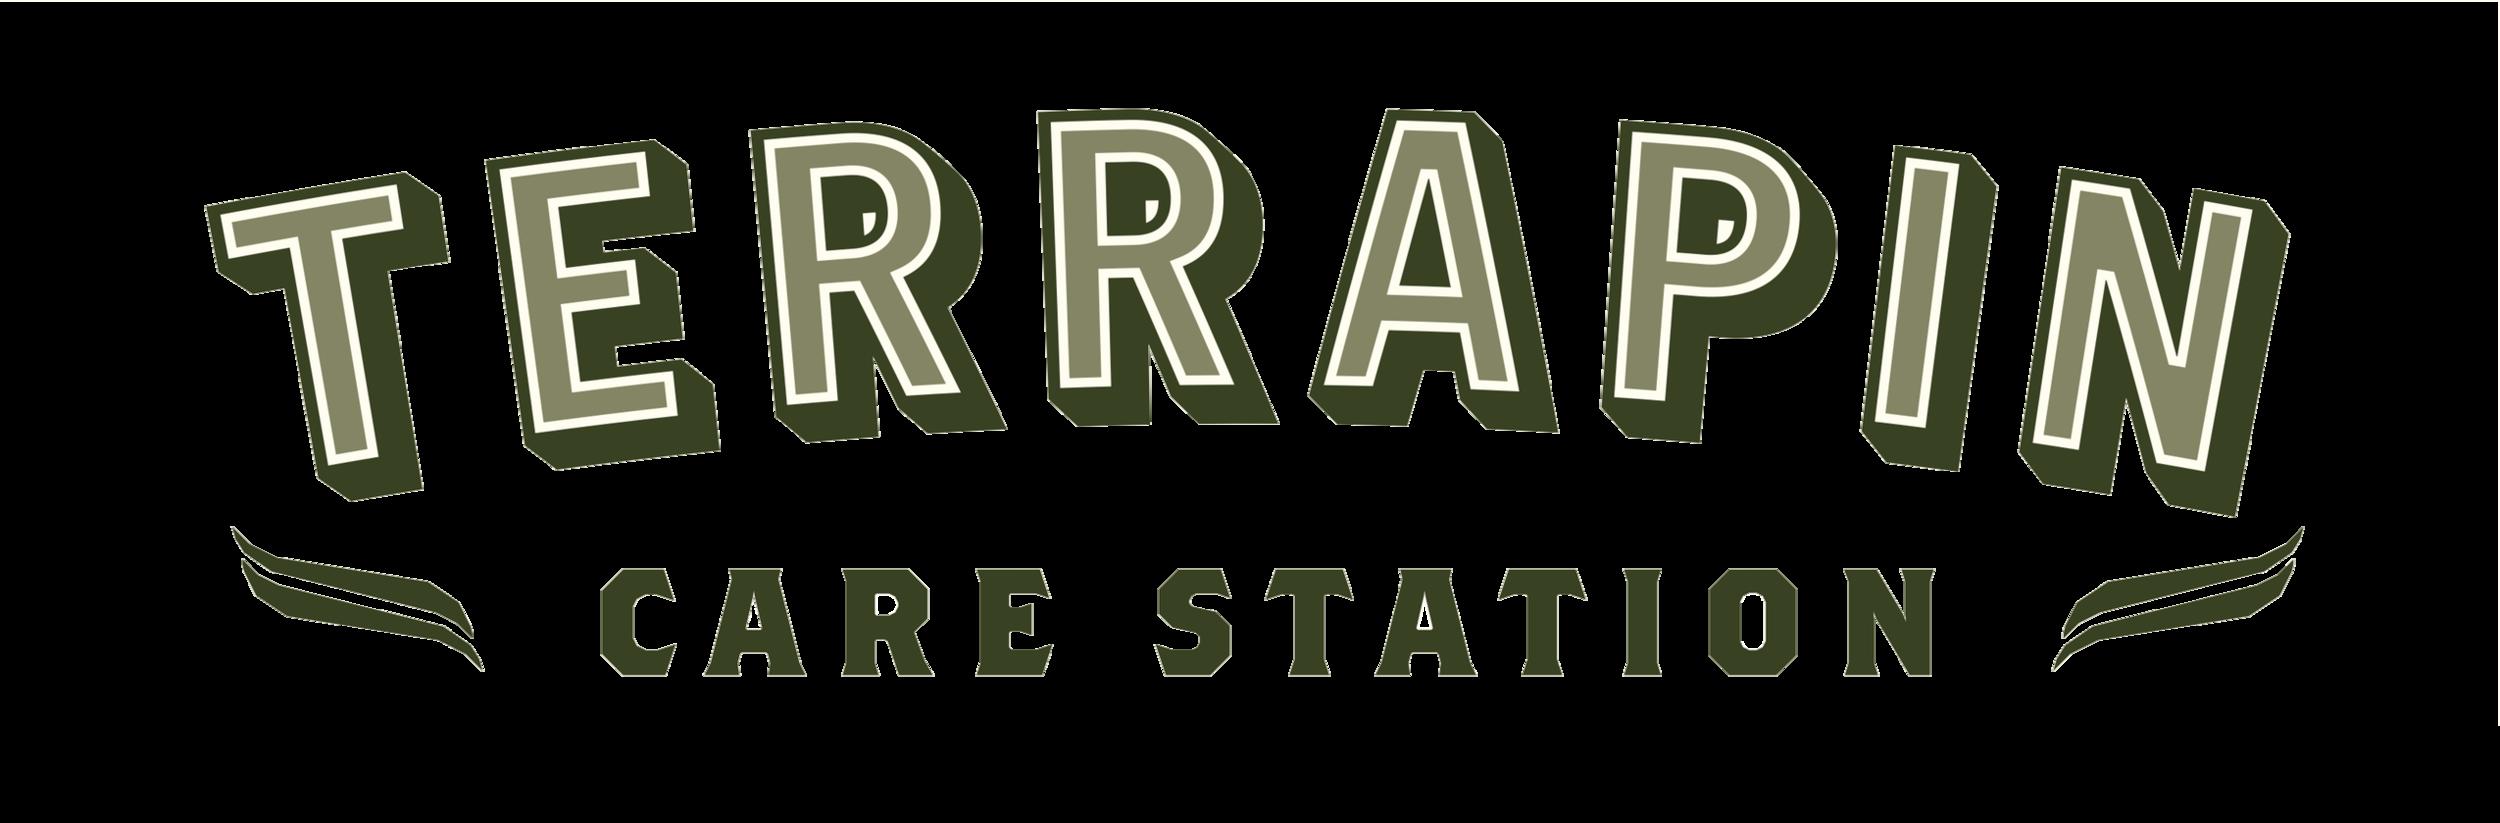 Terrapin_logos_minusleaf-logo.png